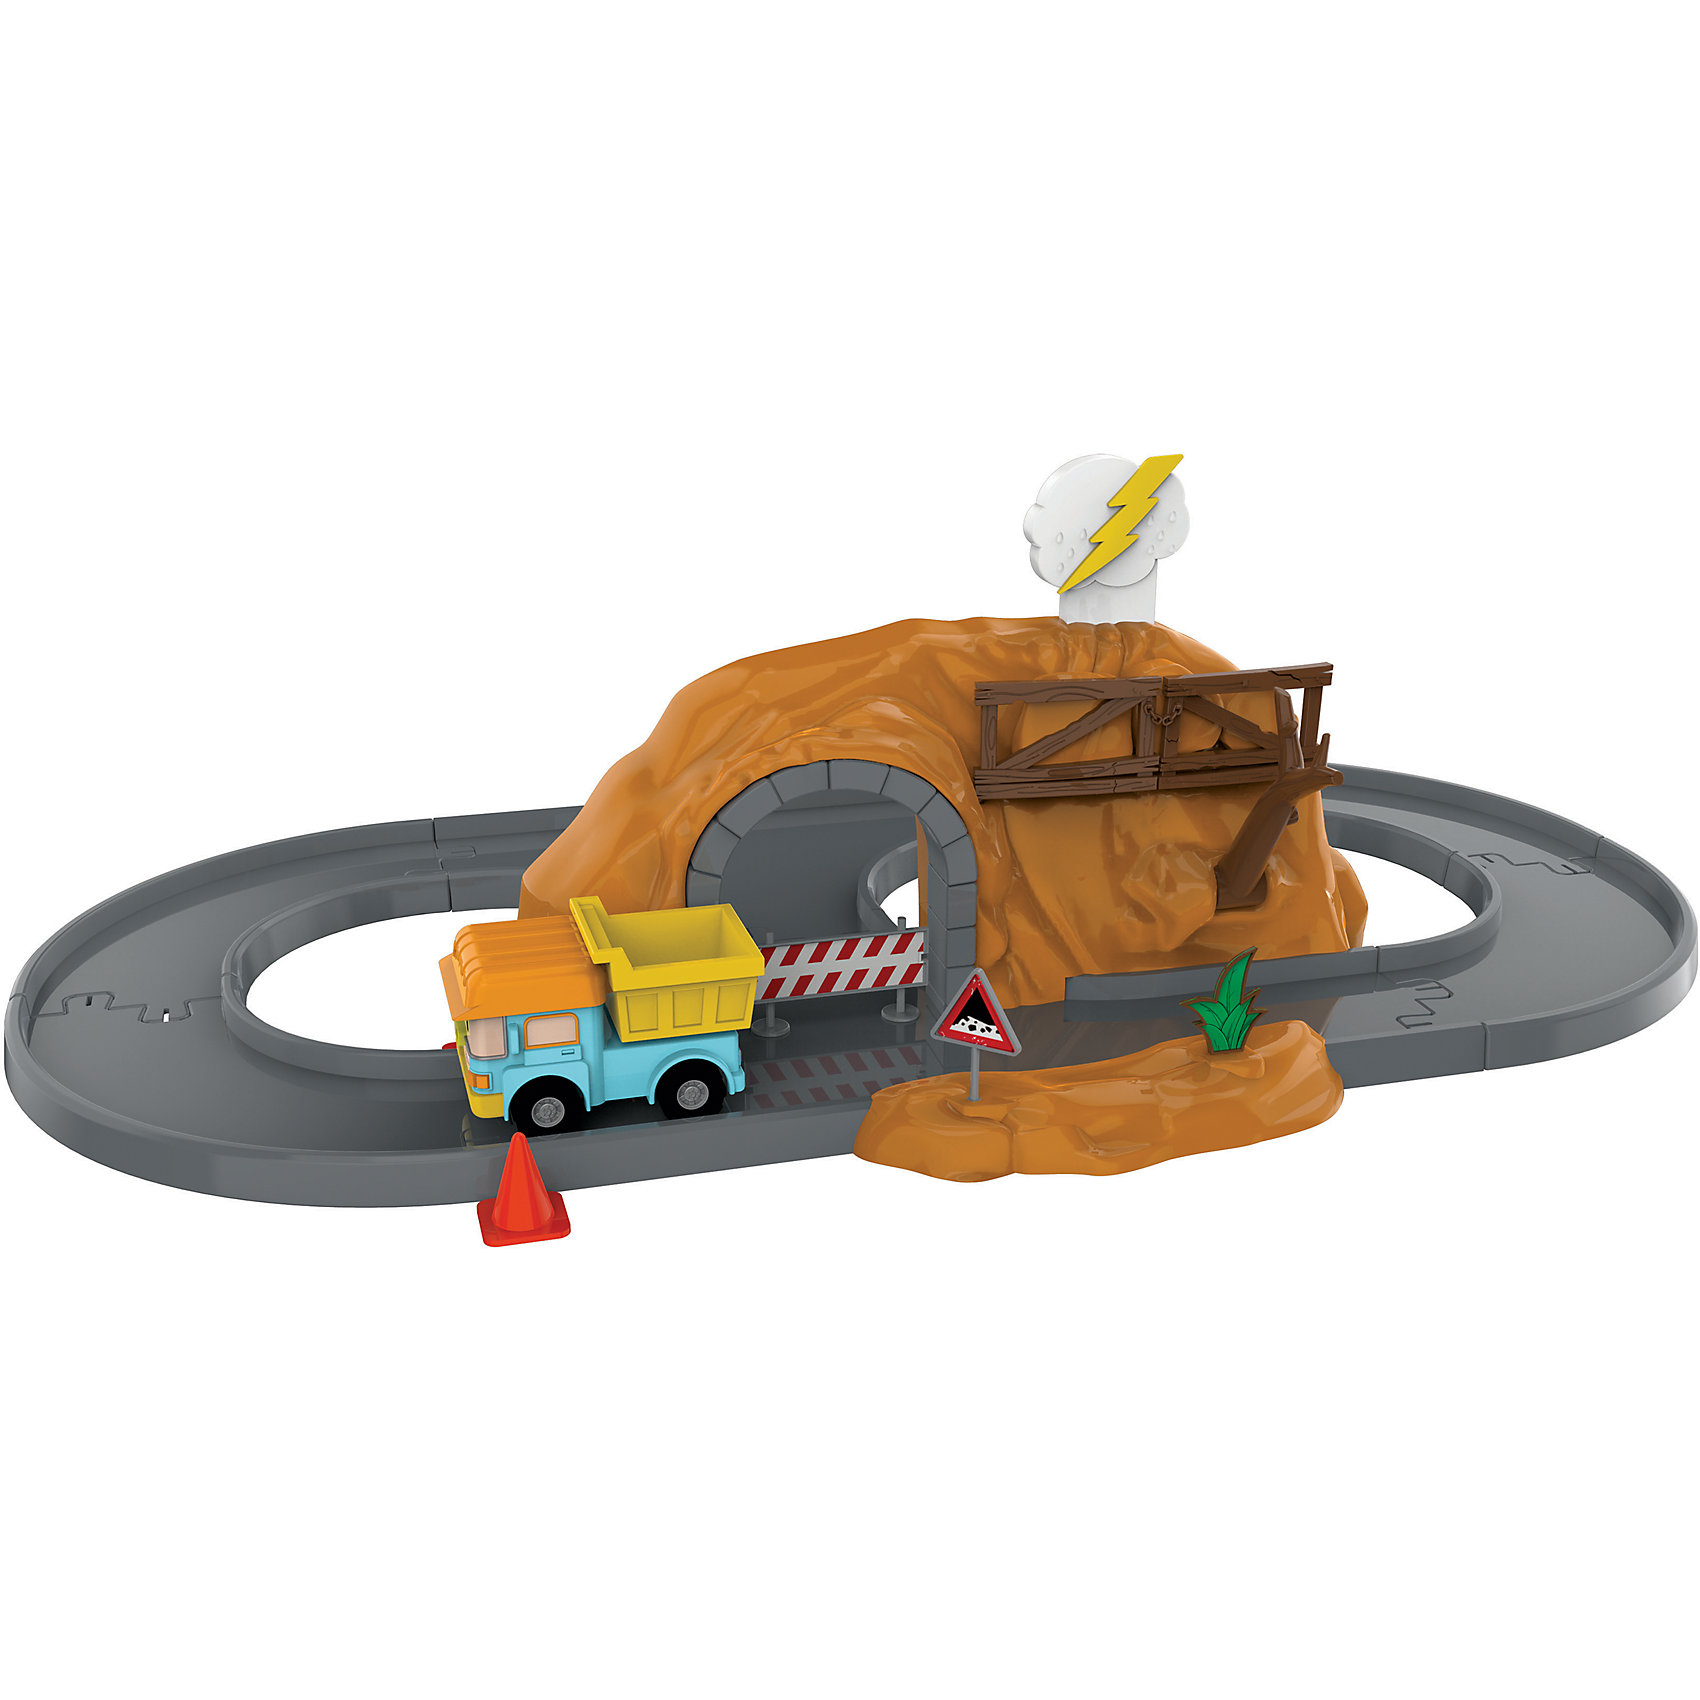 Пещера с камнями с металлической машинкой Дампи, Робокар ПолиАвтотреки<br>Характеристики:<br><br>• Предназначение: для сюжетно-ролевых игр<br>• Пол: универсальный<br>• Коллекция: Робокар Поли и его друзья<br>• Материал: пластик, металл<br>• Комплектация: машинка, элементы железнодорожного полотна, пещера, аксессуары<br>• Имитация горного обвала<br>• Вес: 900 г<br>• Размеры упаковки (Д*В*Ш): 36*18*18 см<br>• Упаковка: картонная коробка с блистером<br>• Особенности ухода: сухая или влажная чистка<br><br>Пещера с камнями с металлической машинкой Дампи, Робокар Поли – этот  набор производителем которого является торговый бренд Silverlit, специализирующийся на выпуске высокотехнологических игрушек. Набор состоит из железнодорожного полотна овальной формы, пещеры, машинки в образе Дампи, а также аксессуаров. Железная дорога и аксессуары выполнены из ударопрочного и нетоксичного пластика. Машинка из металла. <br><br>Элементы игрового набора окрашены безопасными красками. Входящие в набор аксессуары, позволяют имитировать обвал камней в горах, для этого достаточно нажать на облачко, расположенное на вершине тоннеля-горы. Подвижные или сюжетно-ролевые игры с машинками  будут способствовать развитию координации движений, фантазии и воображения, а также позволят воспроизвести наиболее понравившиеся сюжеты с любимыми героями.<br><br>Пещера с камнями с металлической машинкой Дампи, Робокар Поли можно купить в нашем интернет-магазине.<br><br>Ширина мм: 360<br>Глубина мм: 180<br>Высота мм: 180<br>Вес г: 900<br>Возраст от месяцев: 36<br>Возраст до месяцев: 2147483647<br>Пол: Мужской<br>Возраст: Детский<br>SKU: 5331558